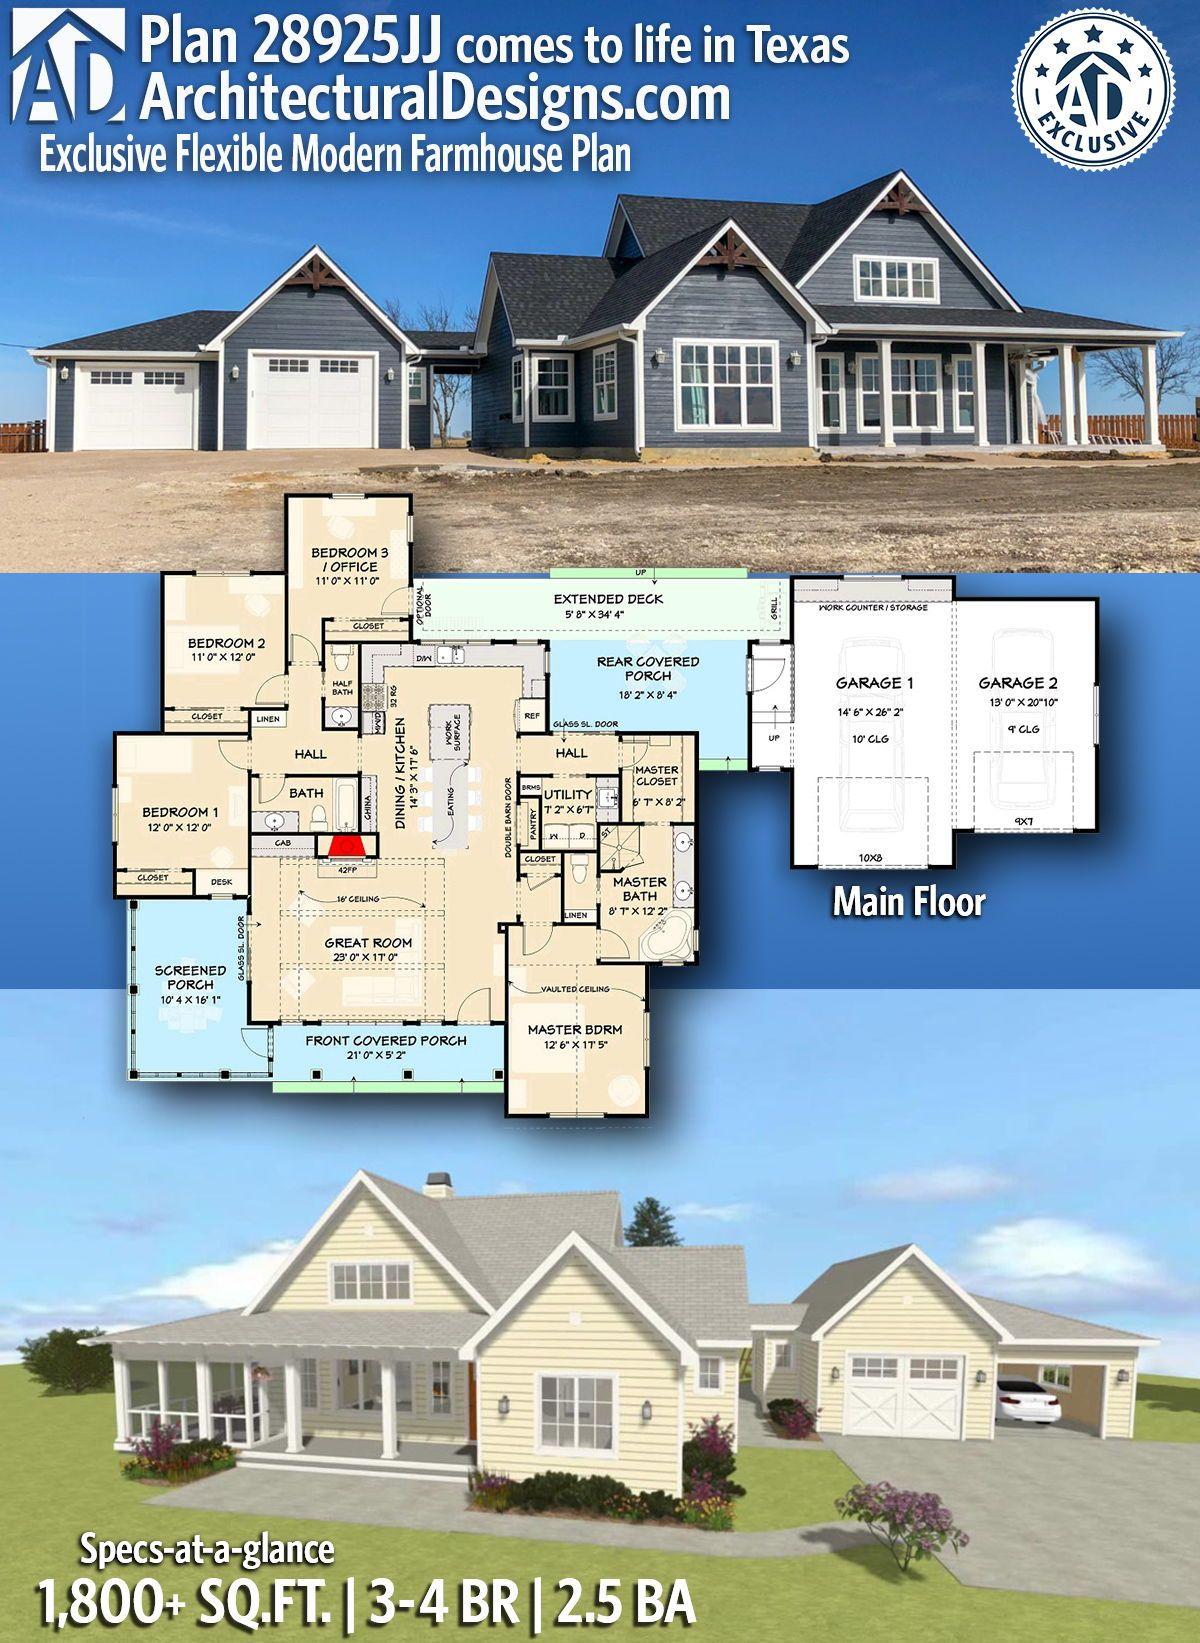 Plan 28925jj Exclusive Flexible Modern Farmhouse Plan In